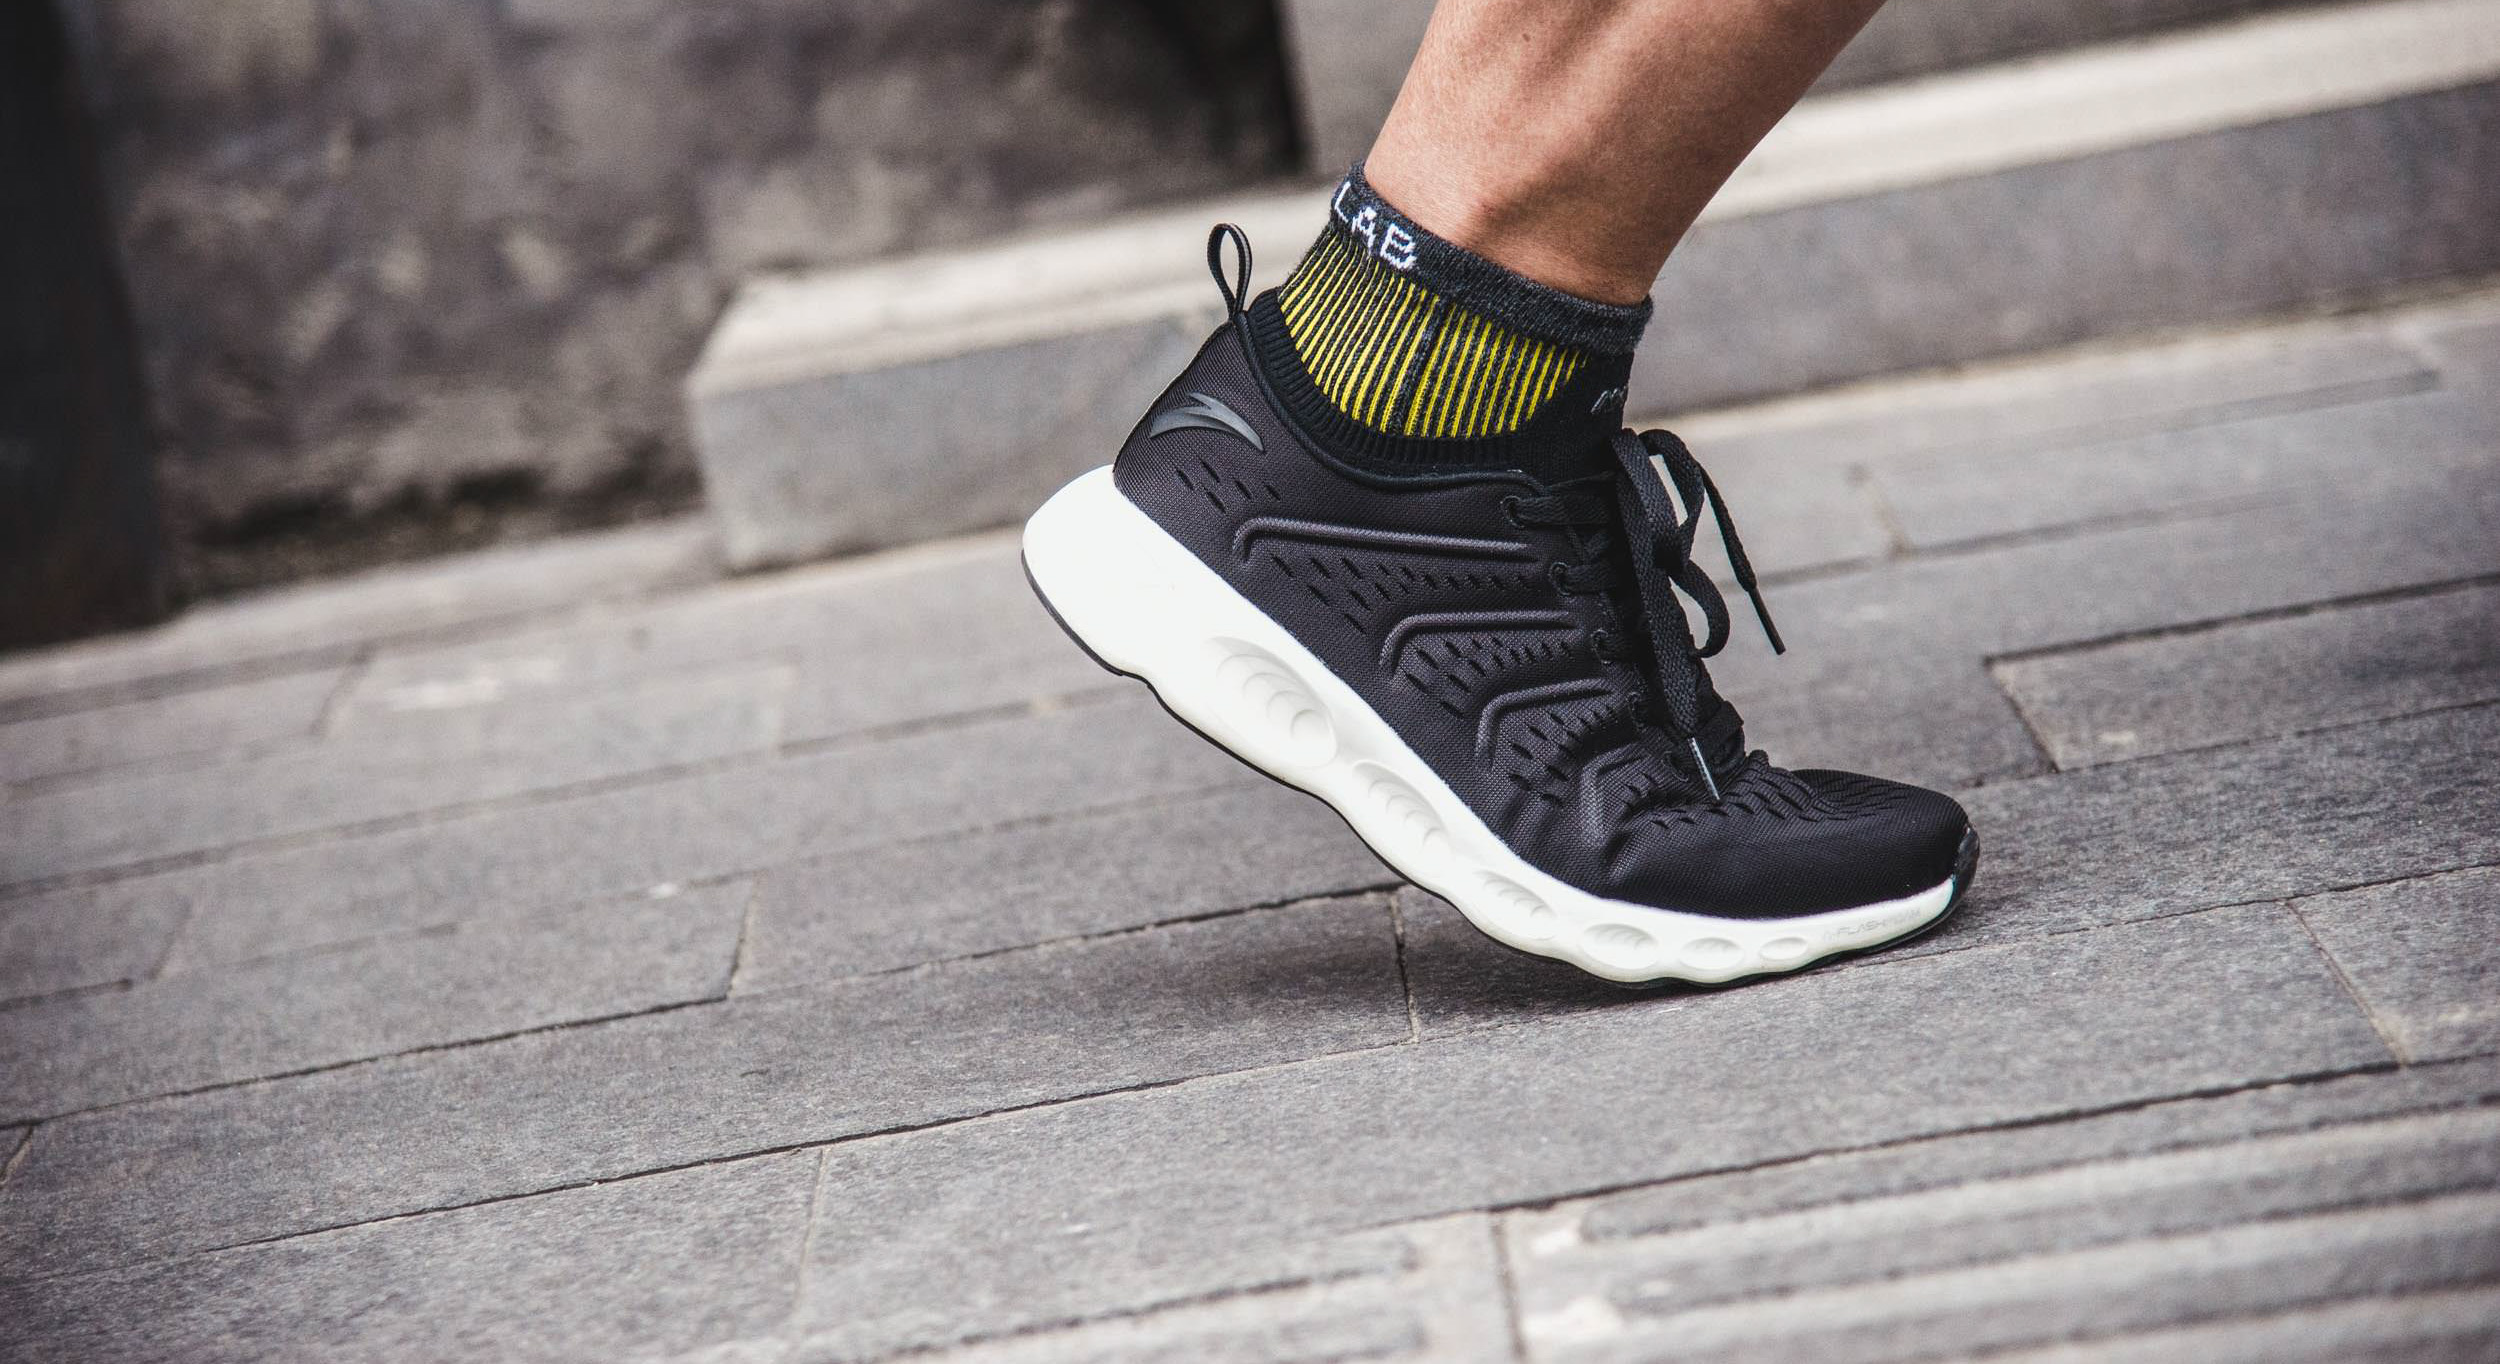 跑鞋 | 安踏A-FLASHFOAM跑鞋评测 鞋面升级奔跑更轻松